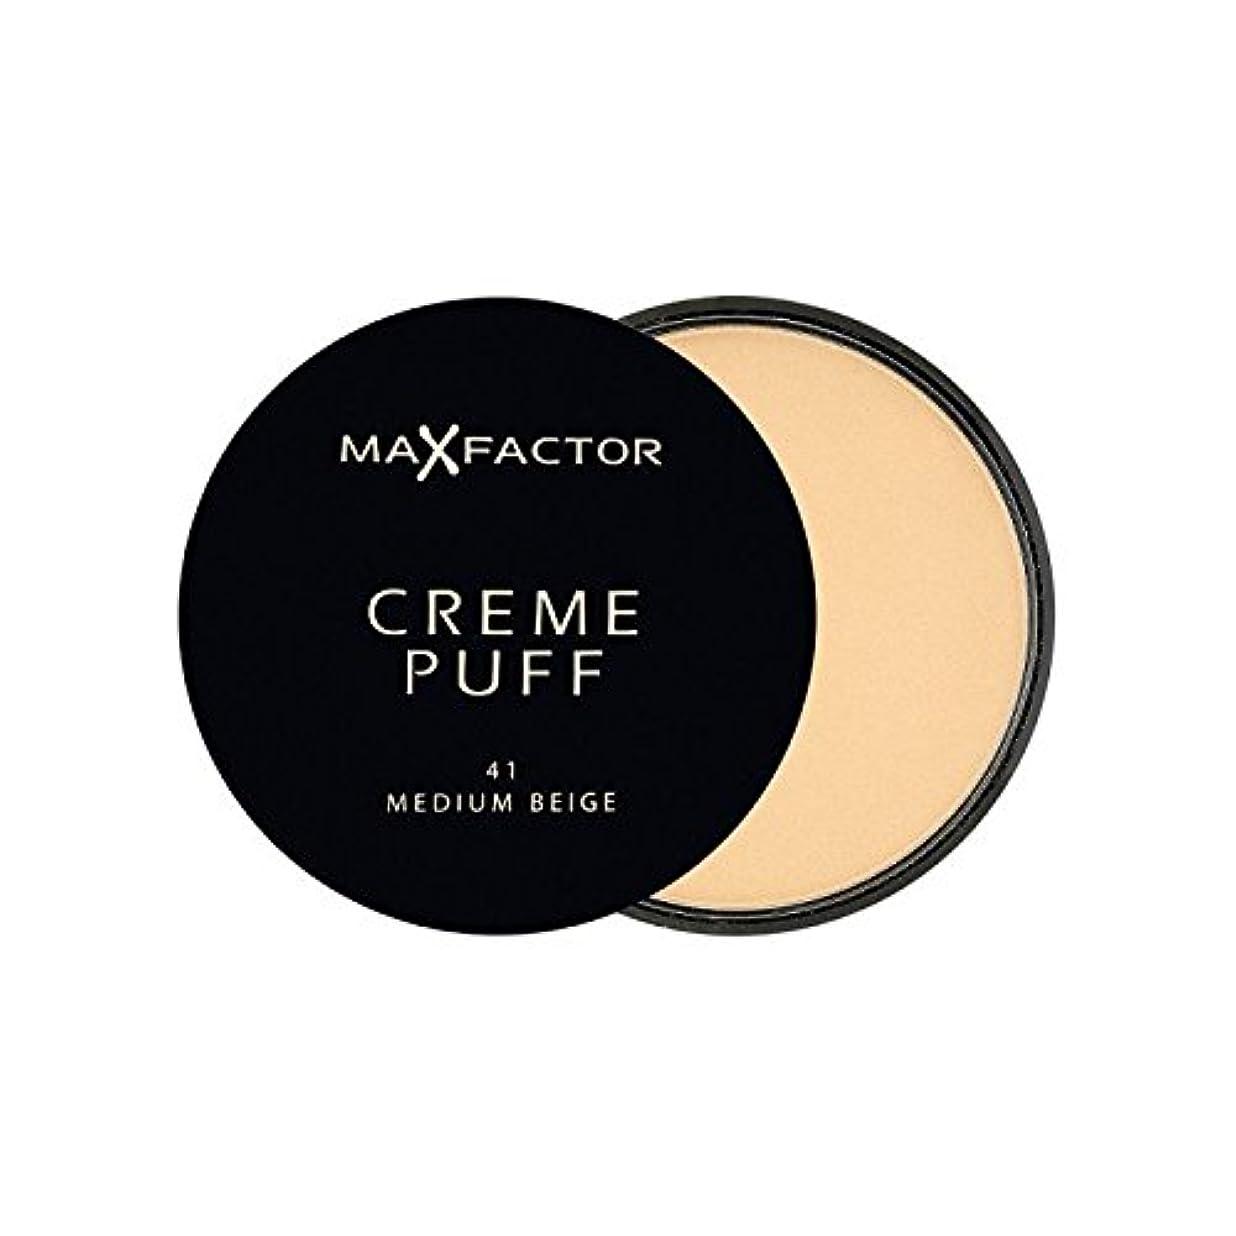 オプショナルハムアフリカ人Max Factor Creme Puff Powder Compact Medium Beige 41 (Pack of 6) - マックスファクタークリームパフ粉末コンパクト媒体ベージュ41 x6 [並行輸入品]